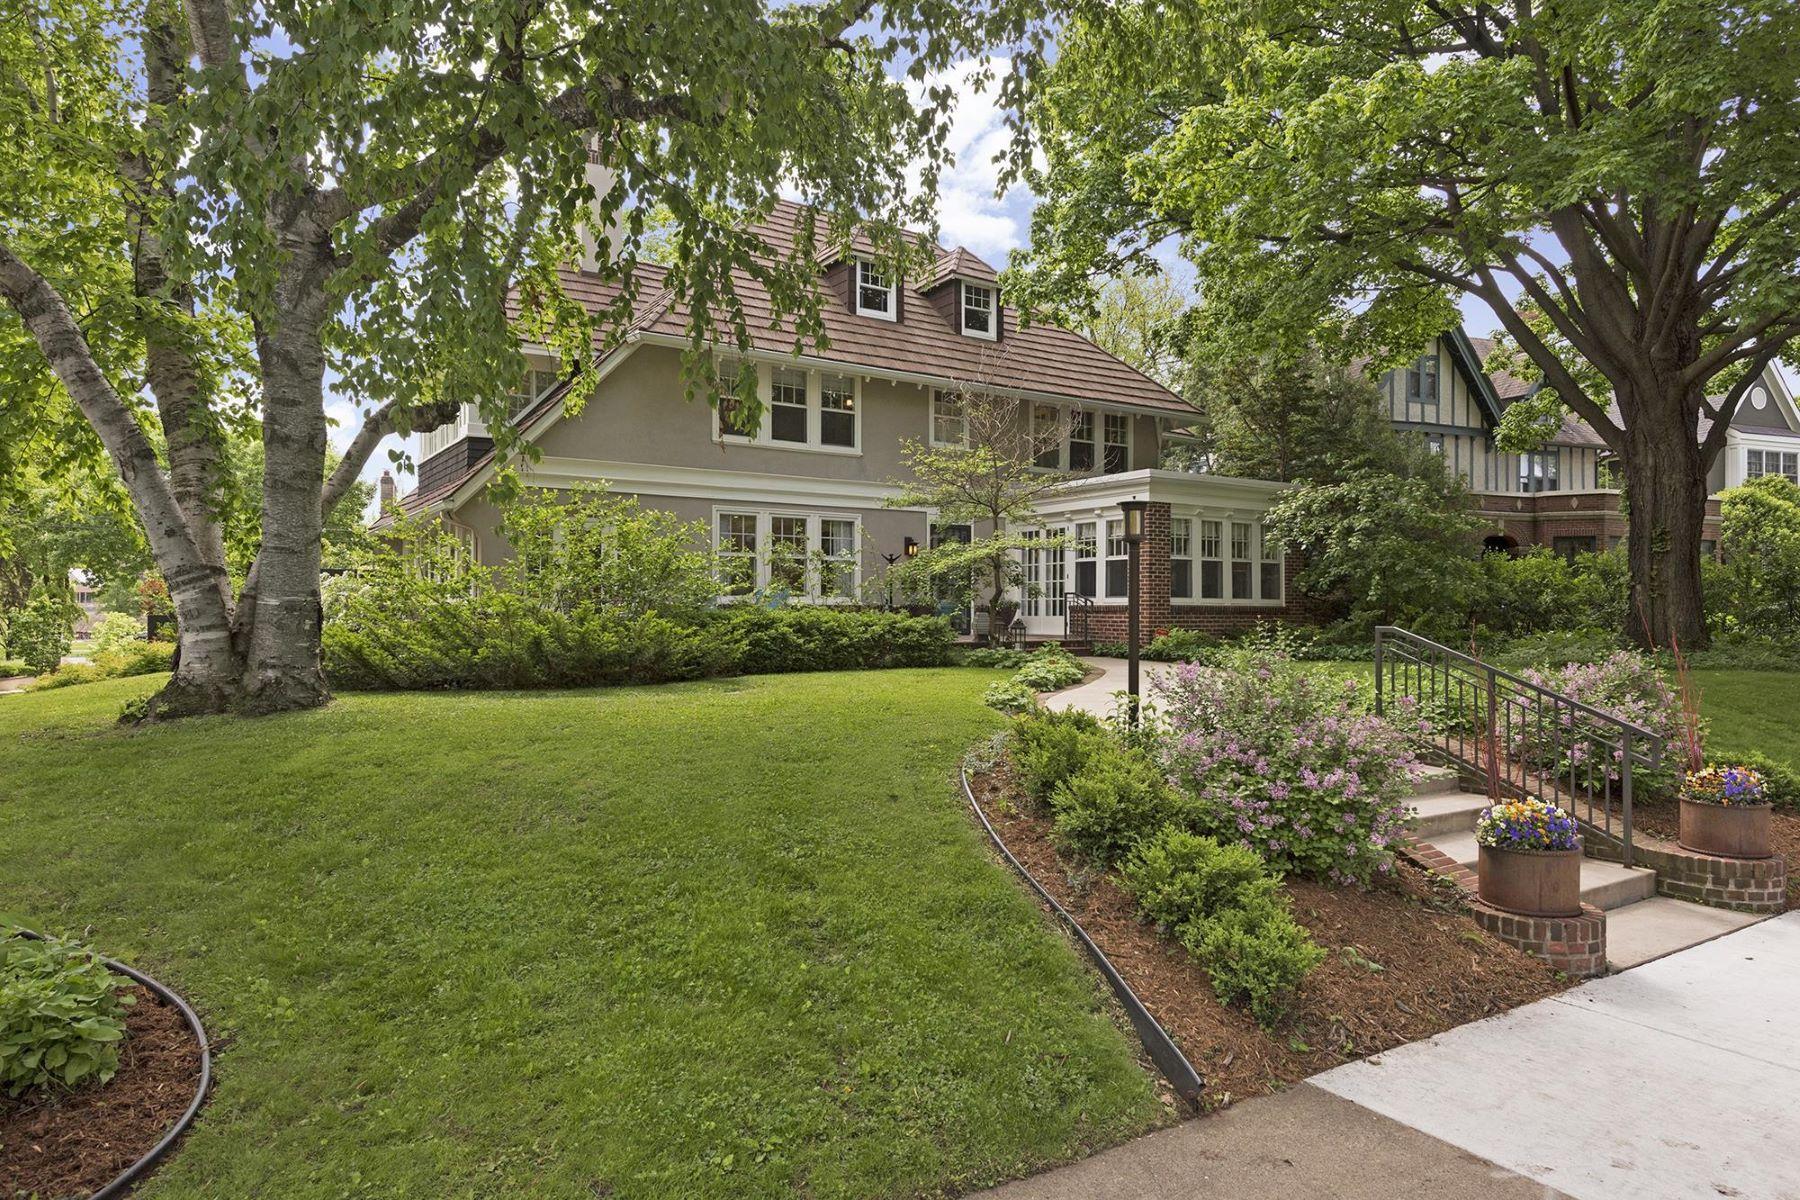 Maison unifamiliale pour l Vente à 2603 Newton Ave. S. 2603 Newton Avenue South Minneapolis, Minnesota, 55405 États-Unis